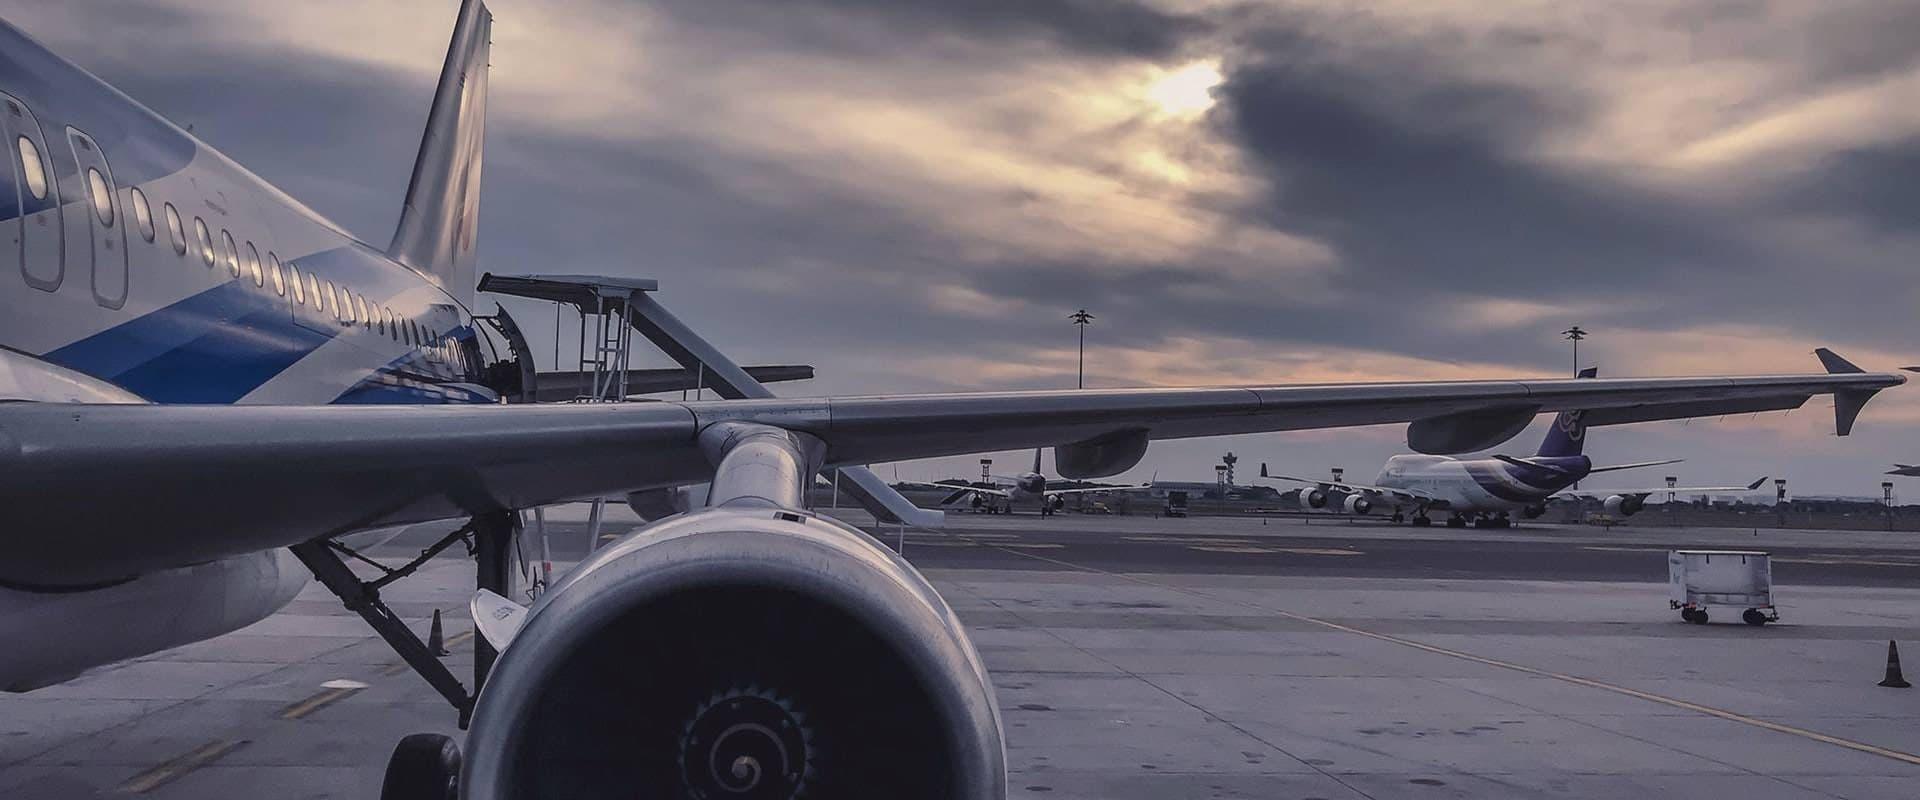 VTC Aéroport Lyon Saint Exupéry